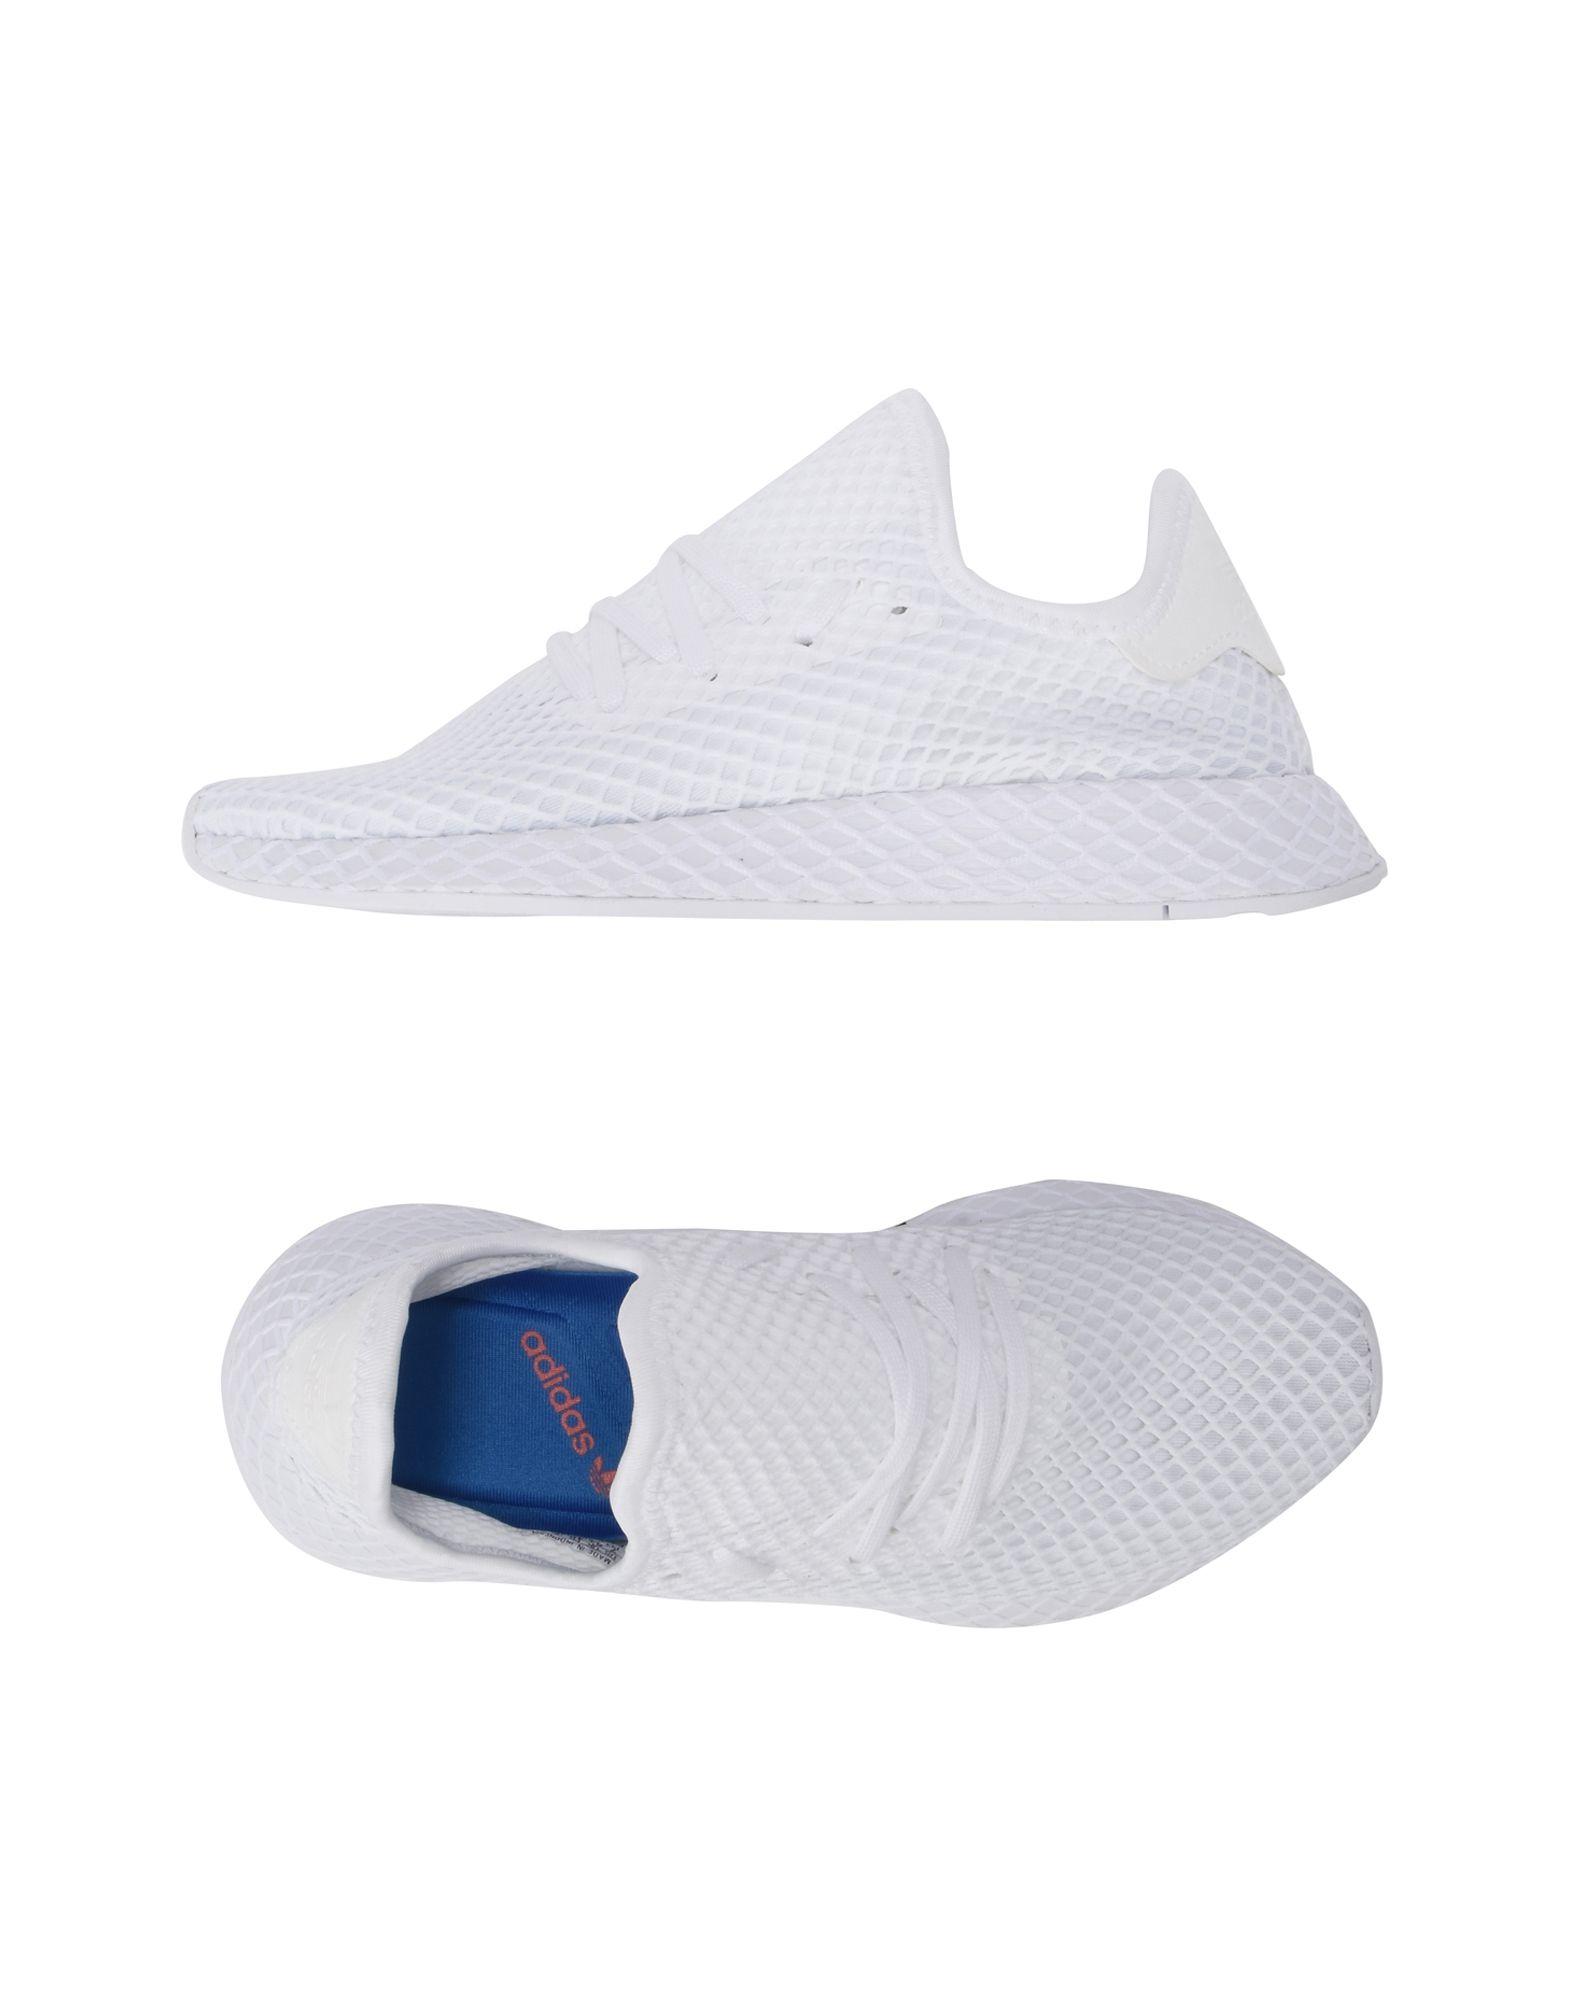 630b68619 Adidas Originals Deerupt Runner - Sneakers - Men Adidas Originals Sneakers  online on YOOX Estonia - 11459213